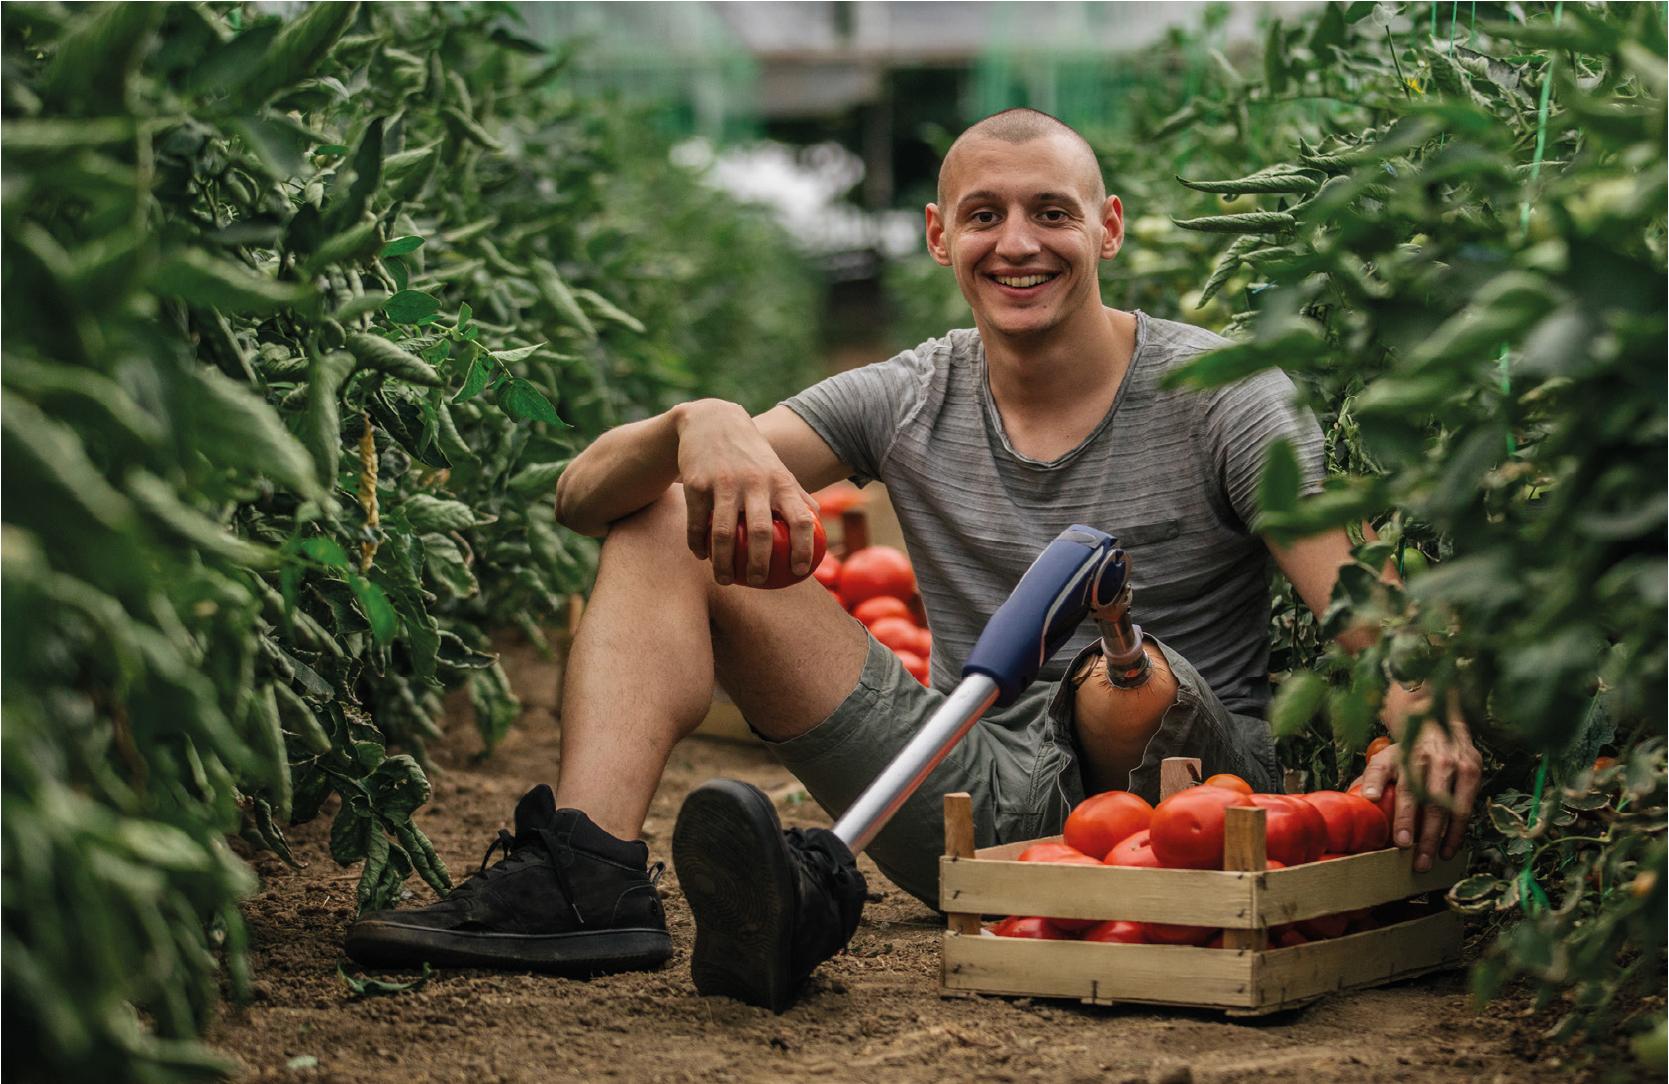 Homem alegre em meio a plantação de tomate, este pessoa possui uma perna mecânica